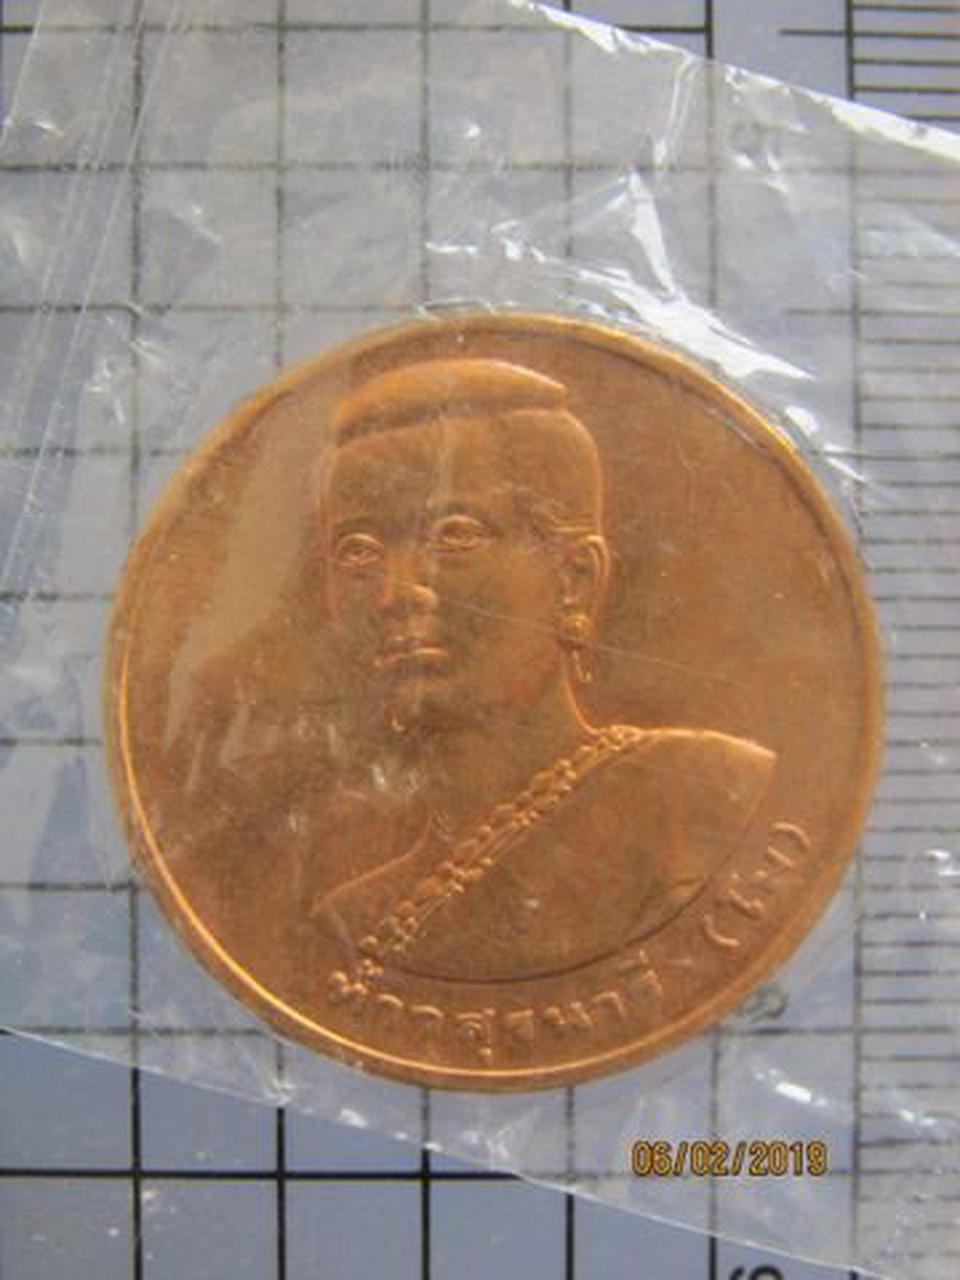 5249 เหรียญย่าโม ครบ 6 รอบ พระเทพวราลังการ วัดสุทธจินดา ปี 2 รูปที่ 2